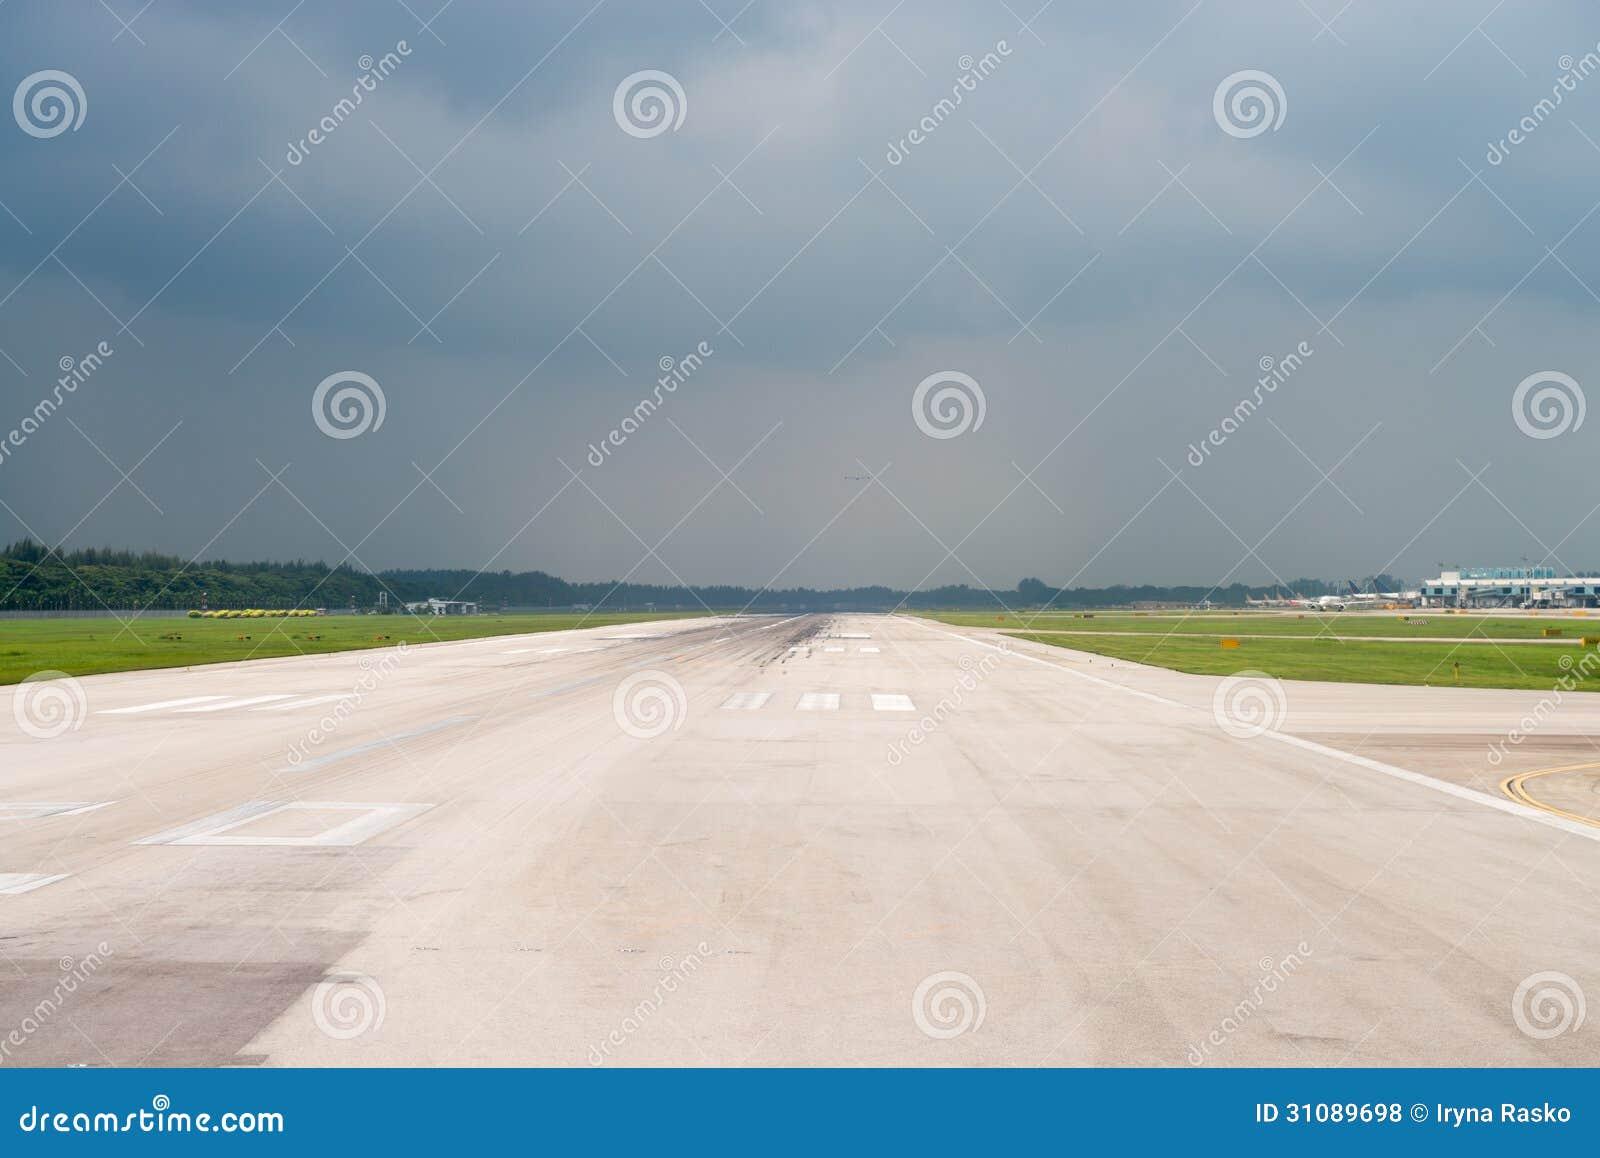 Pista de decolagem do aeroporto sob o céu da tempestade